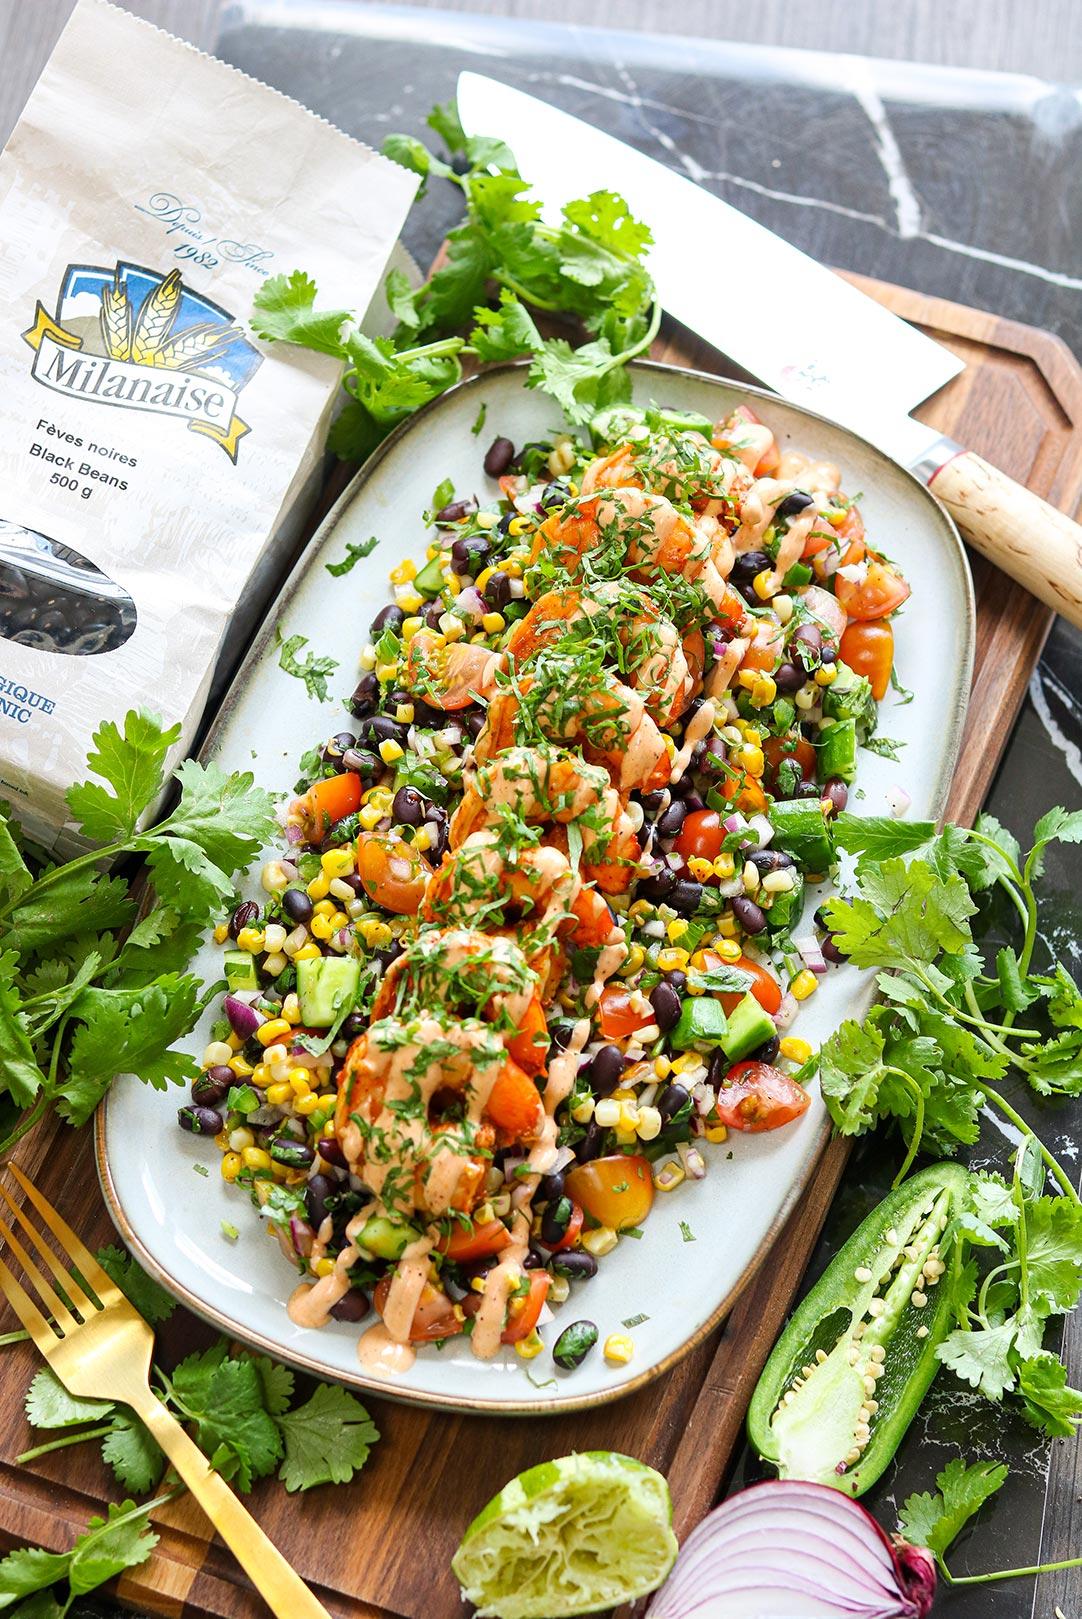 Salade d'haricots noirs et crevettes